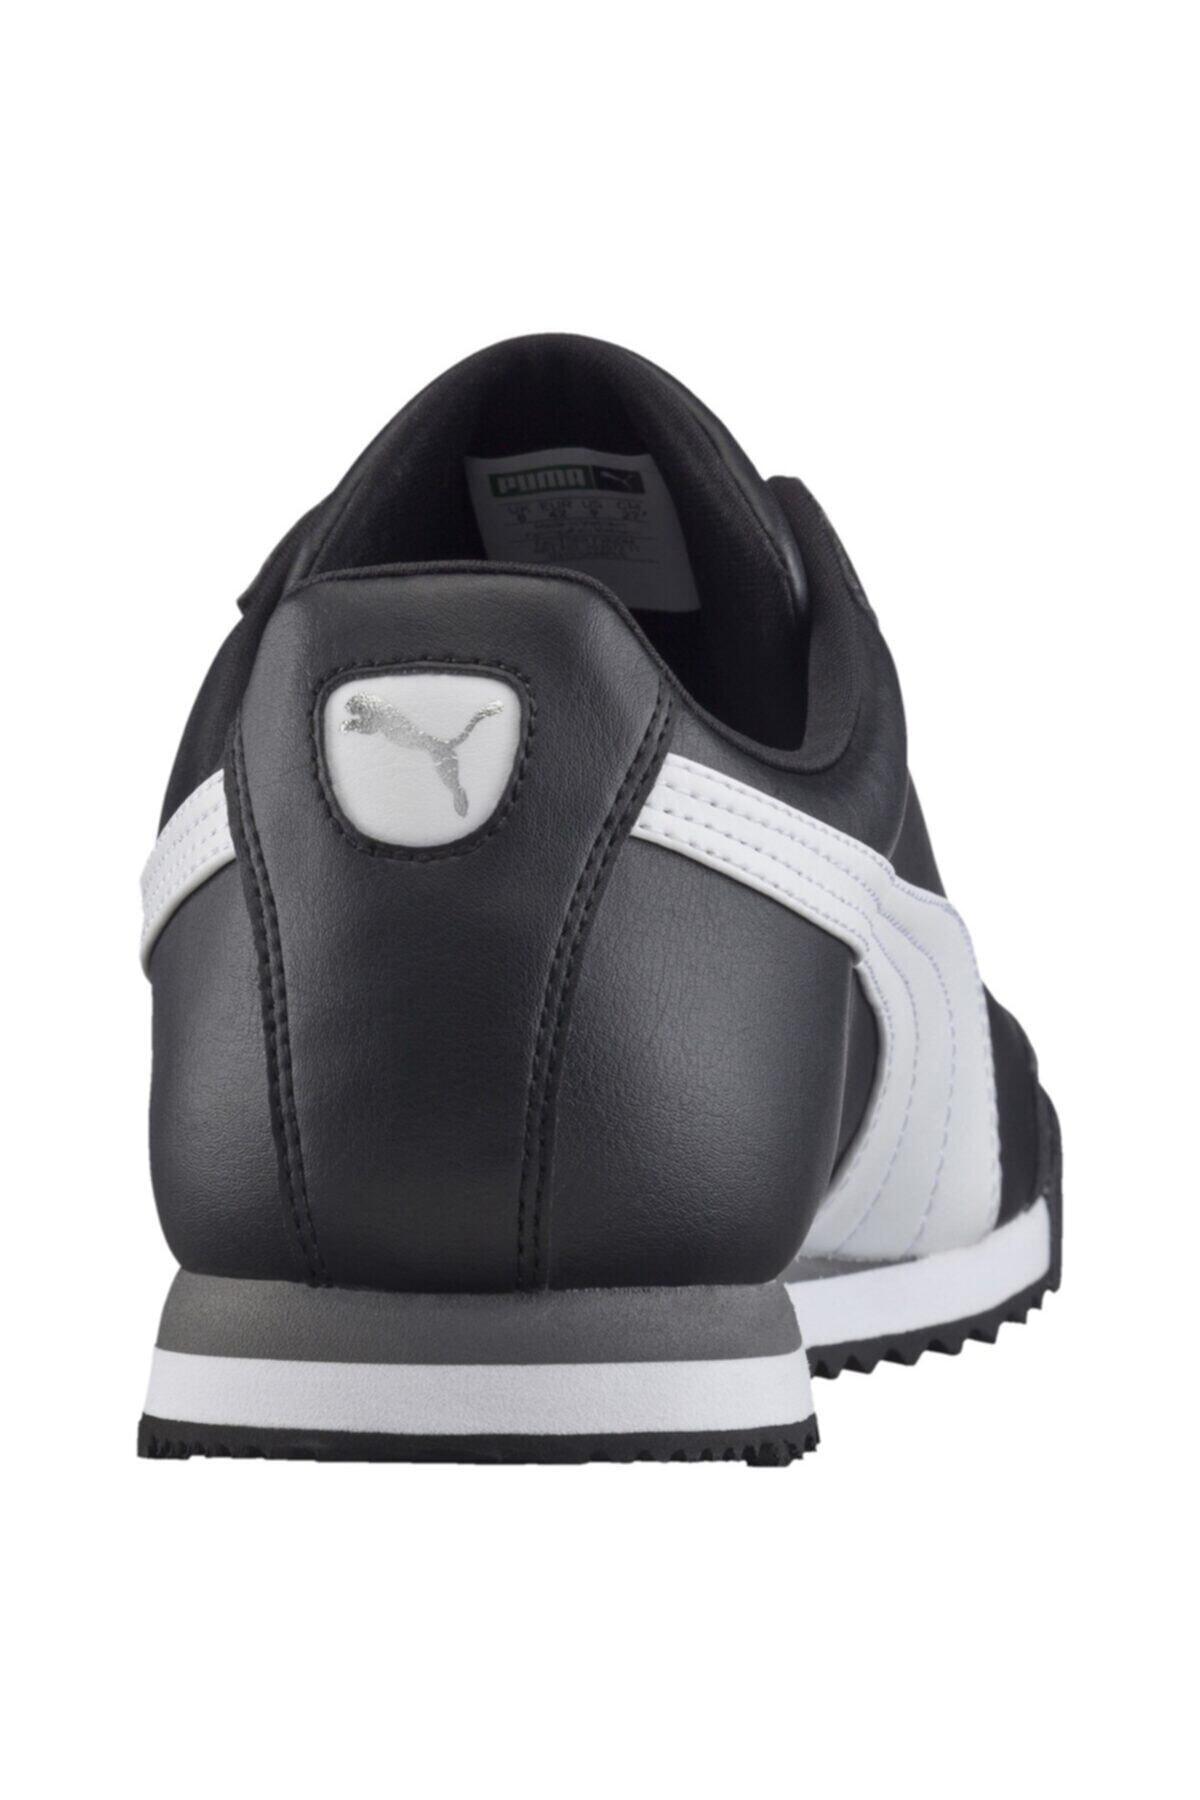 Puma Unisex Çocuk Siyah Roma Basıc Spor Günlük Ayakkabı 354259-011 2